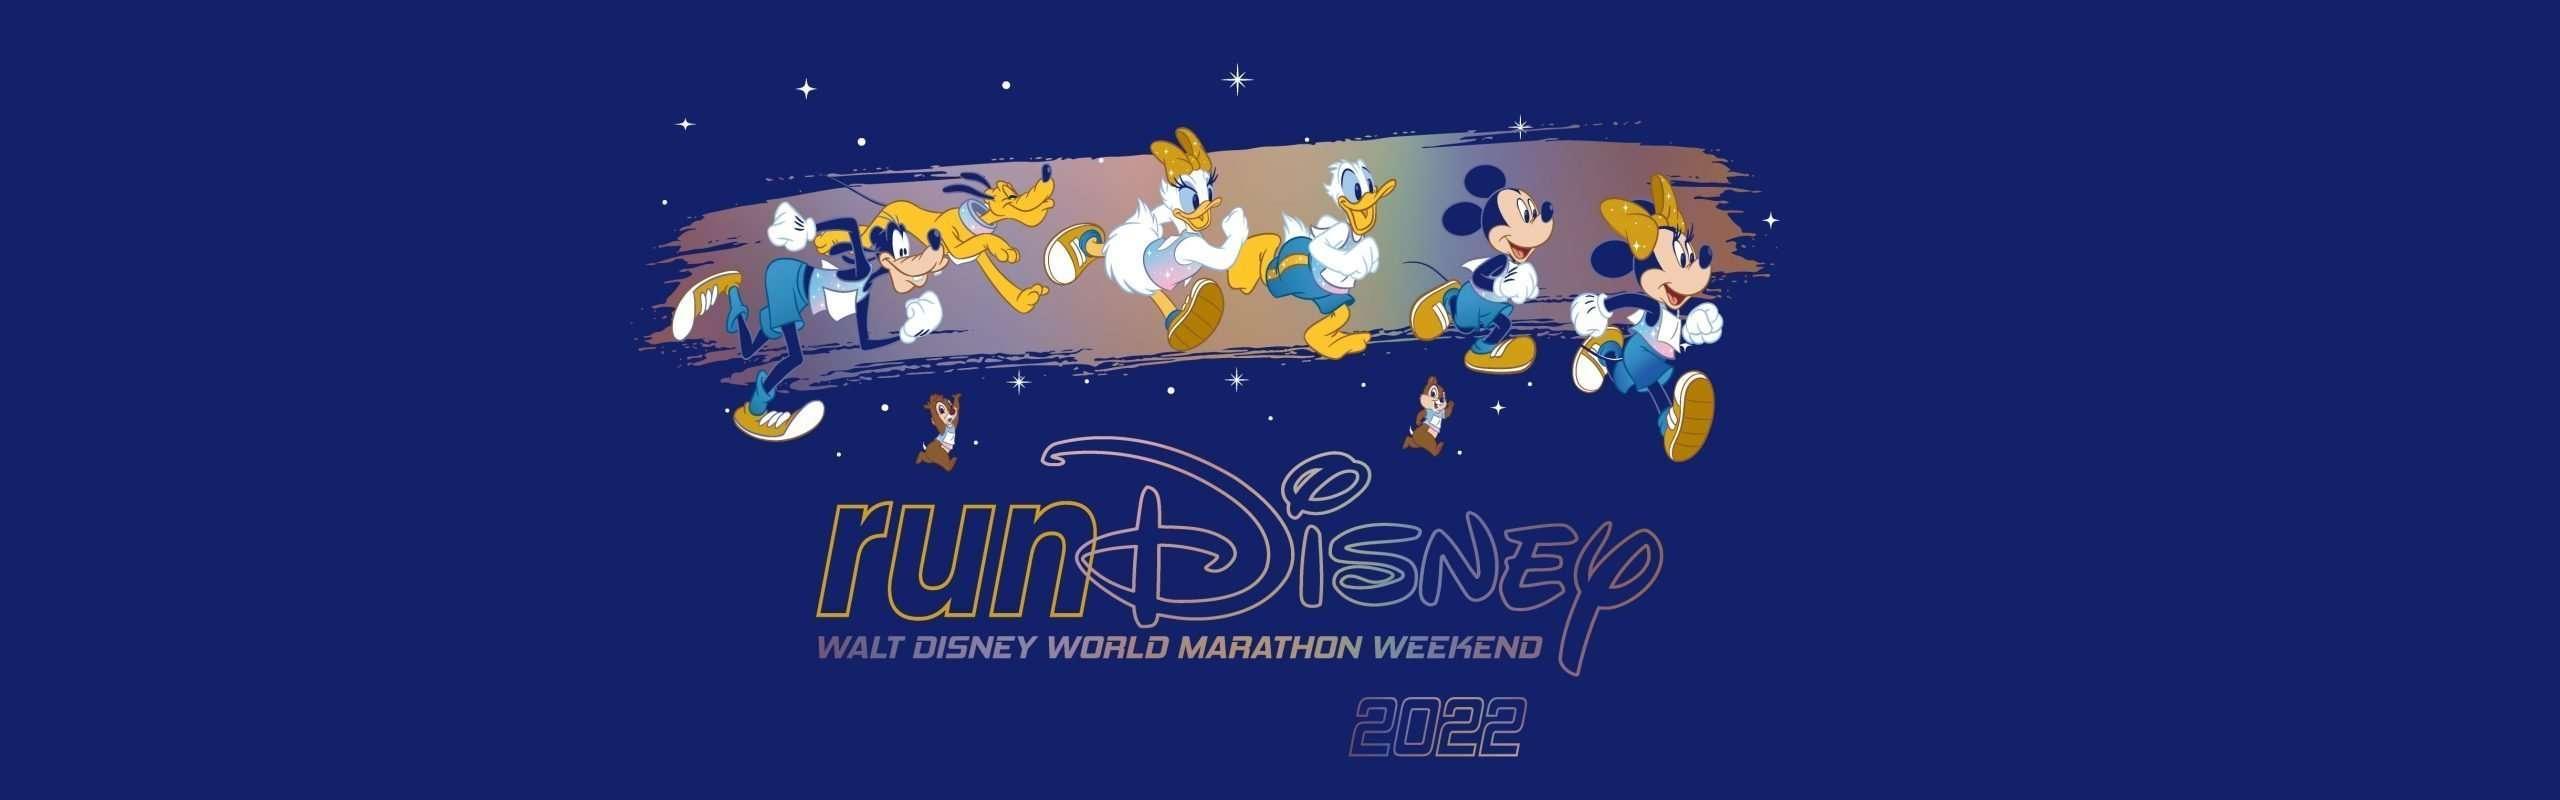 runDisney In-Person Marathons Return to Walt Disney World